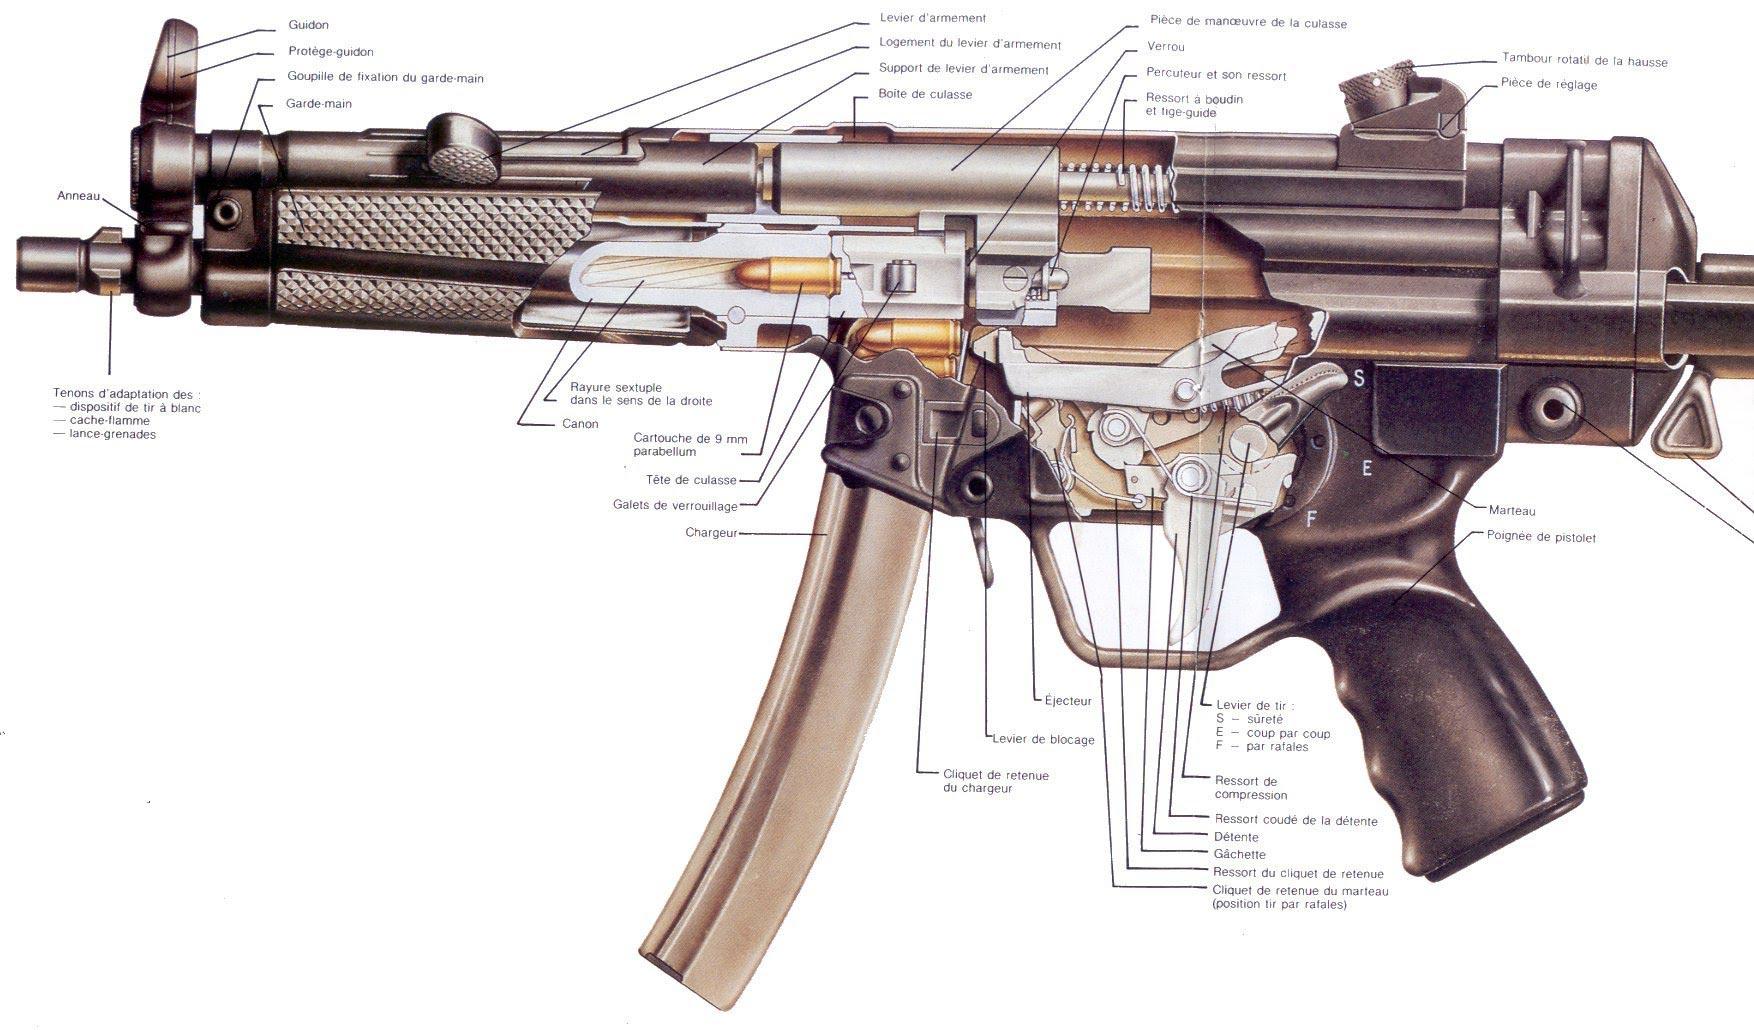 Heckler & Koch MP5 cutaway